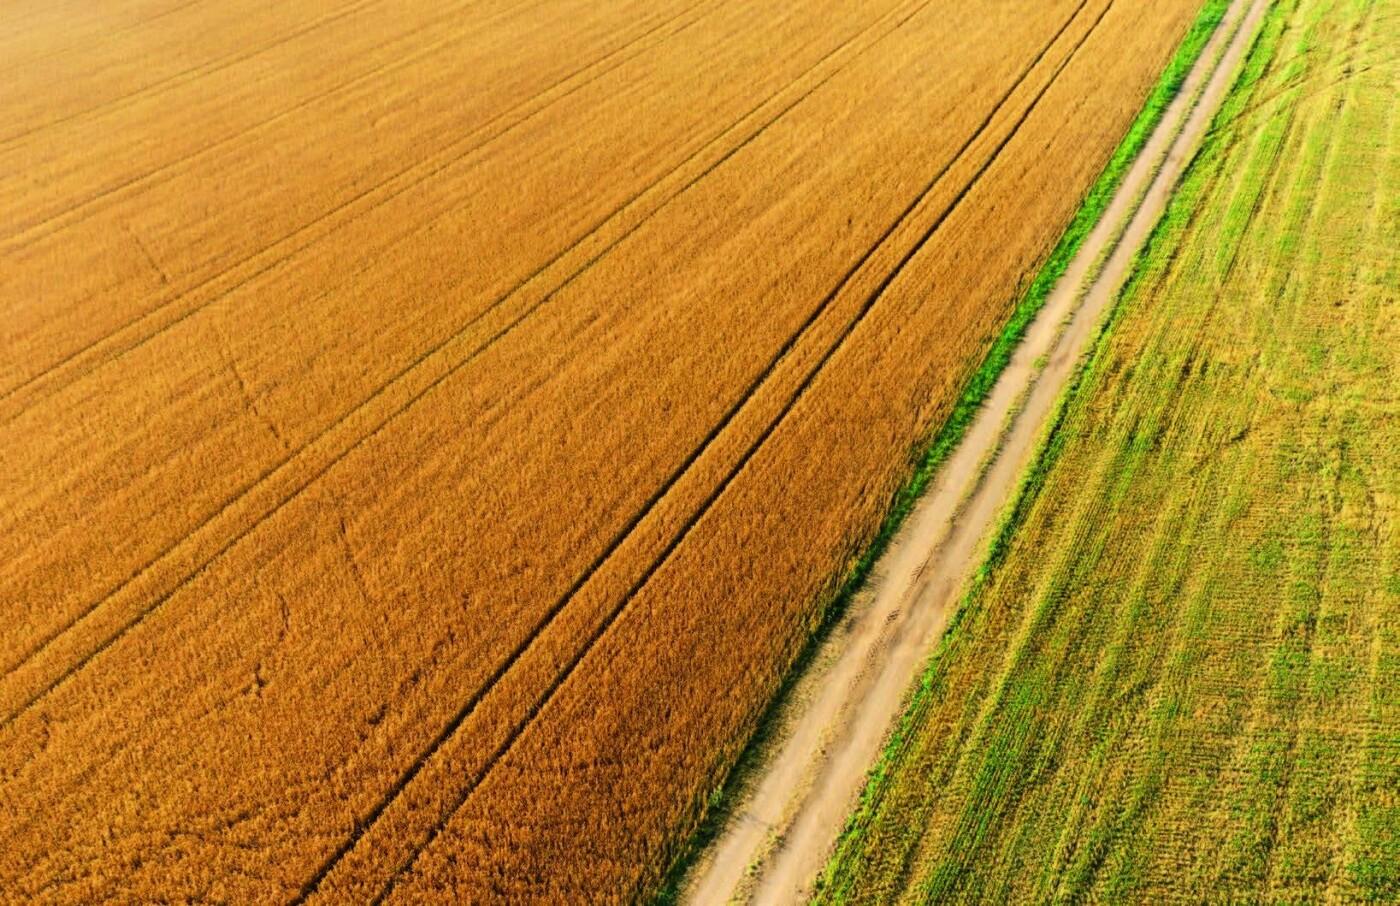 Мішки зерна замість грошей: чому мораторій на продаж землі буксує розвиток сіл Черкащини, фото-1